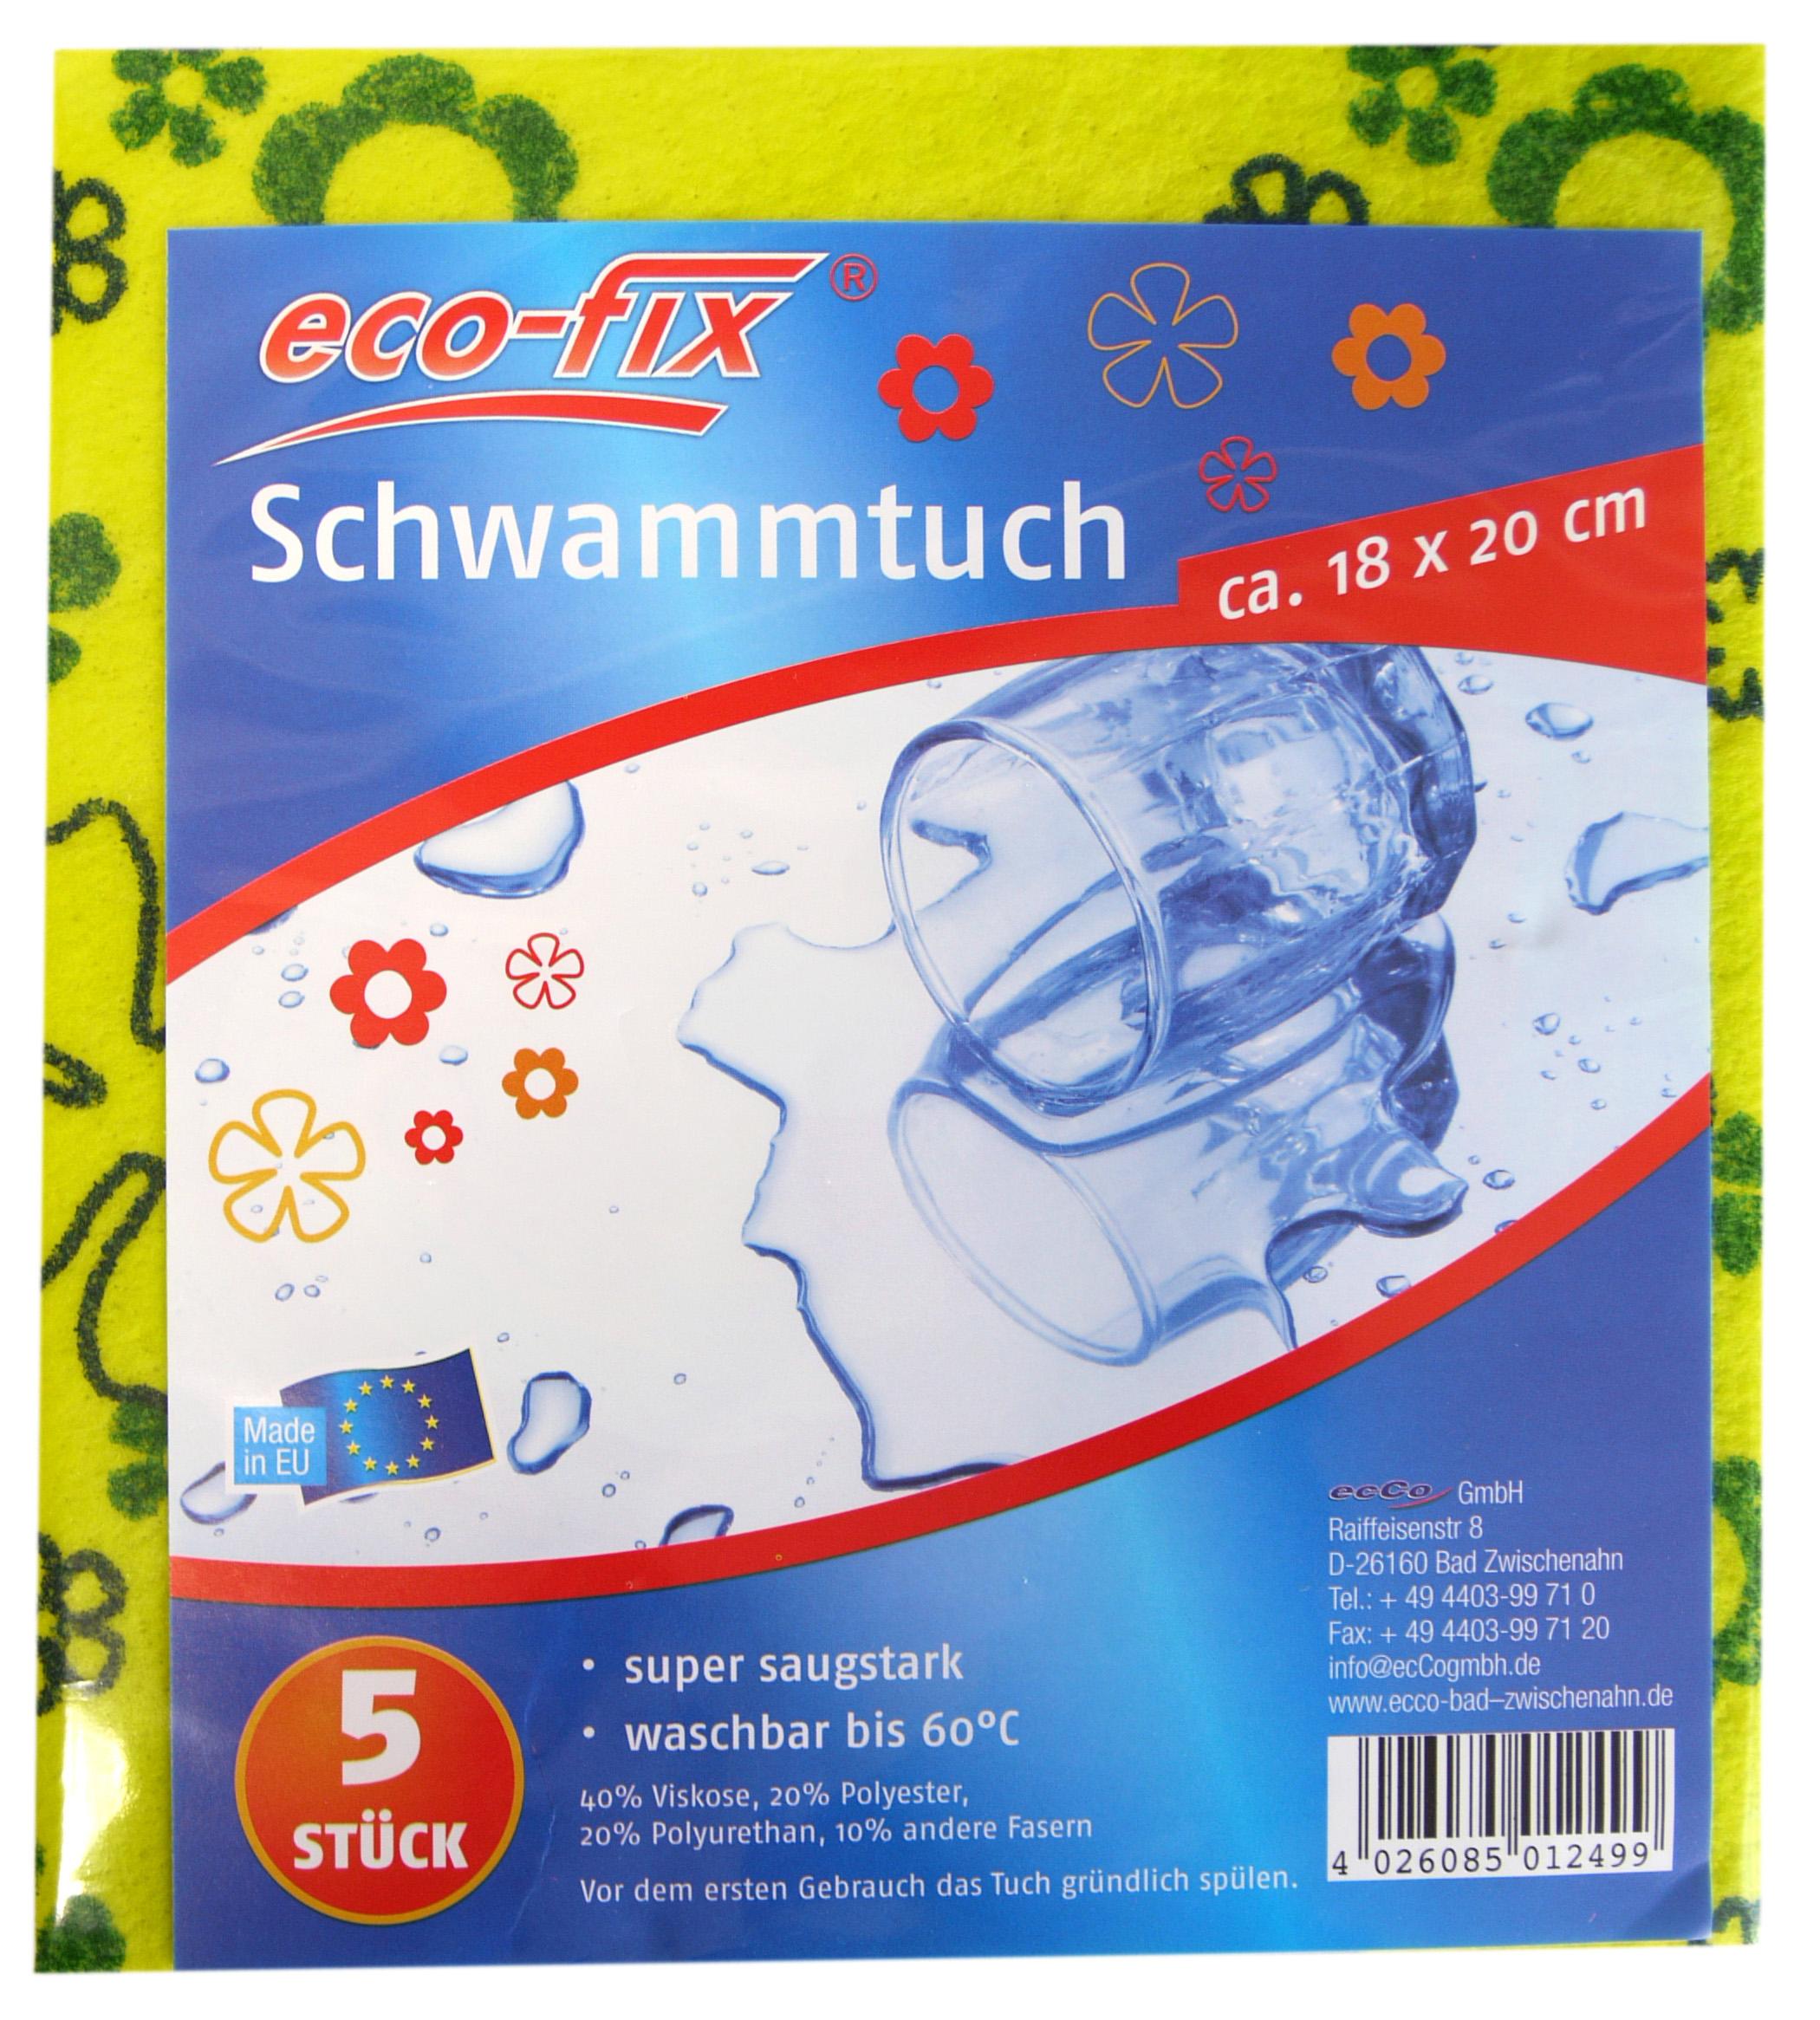 01249 - eco-fix Schwammtücher floral 5er, 18x20cm